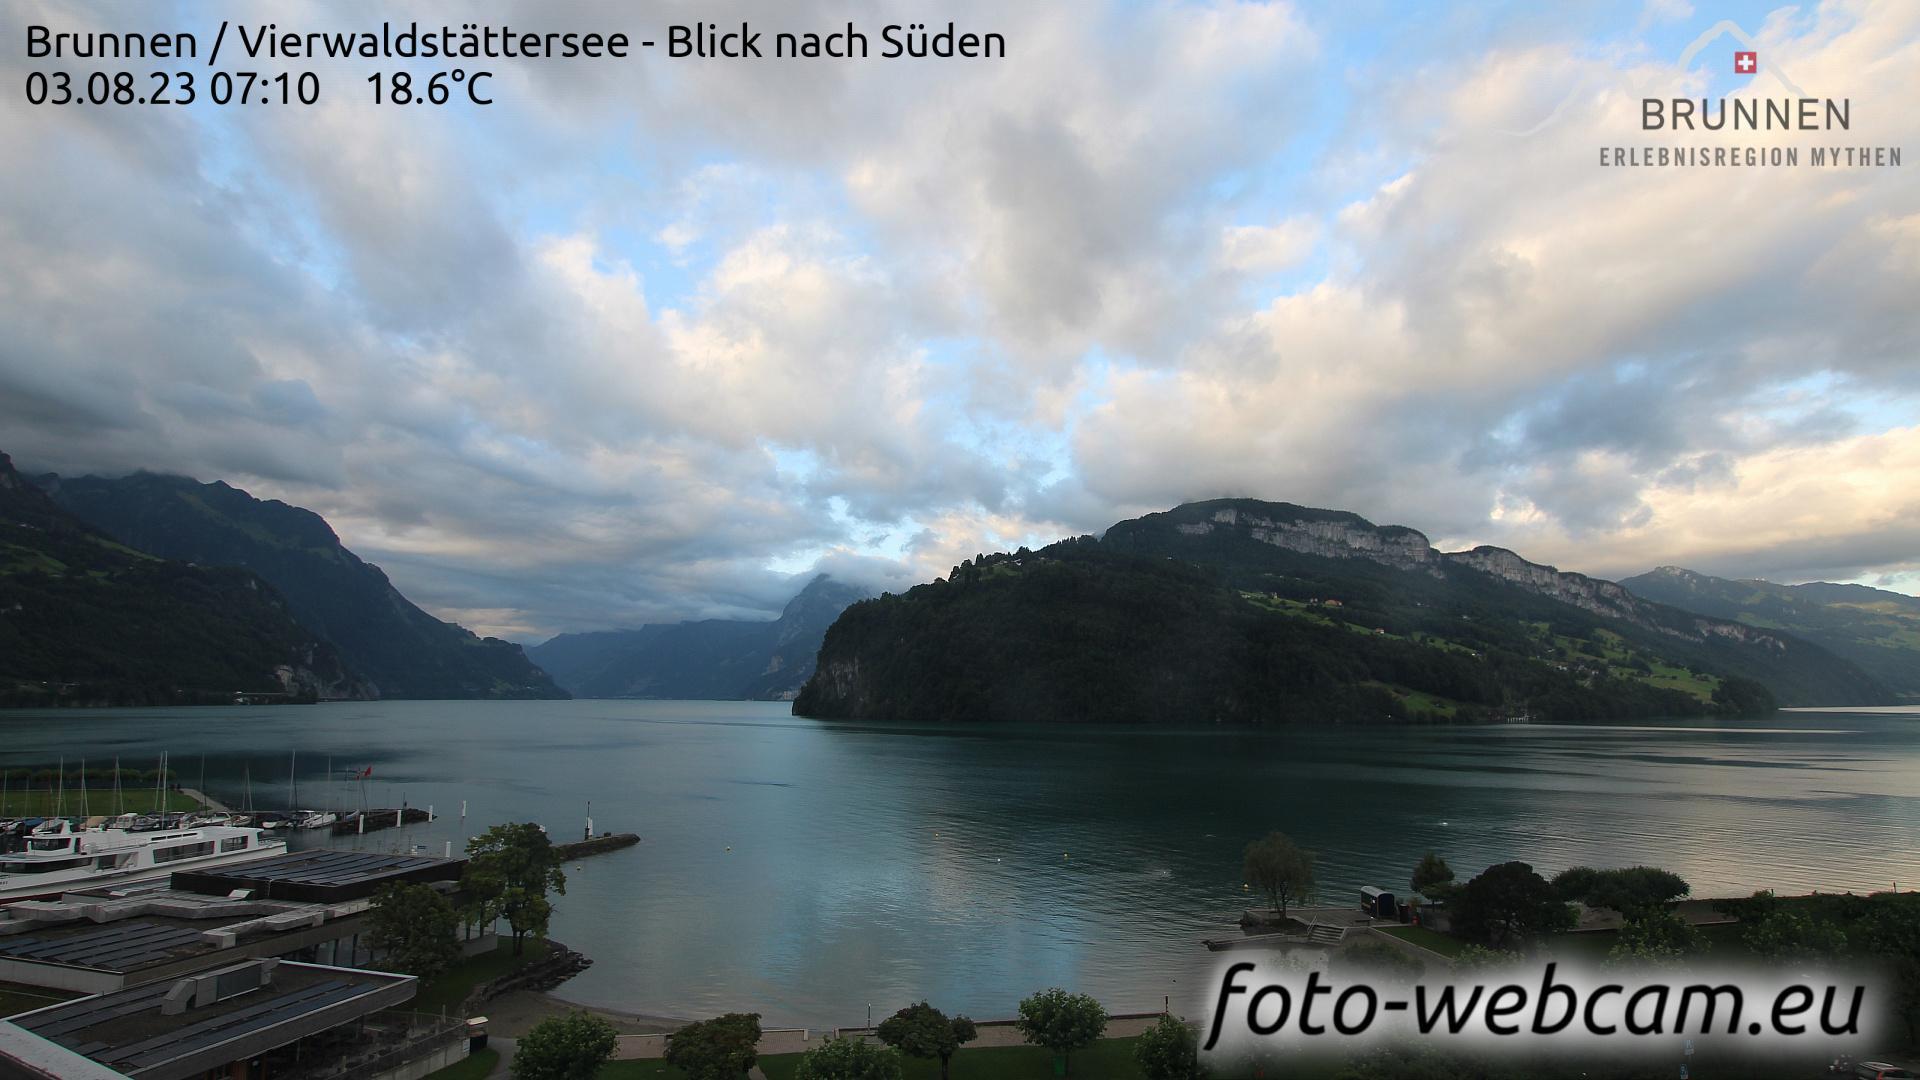 Webcam Brunnen SZ: Brunnen − Vierwaldstättersee − Blick n